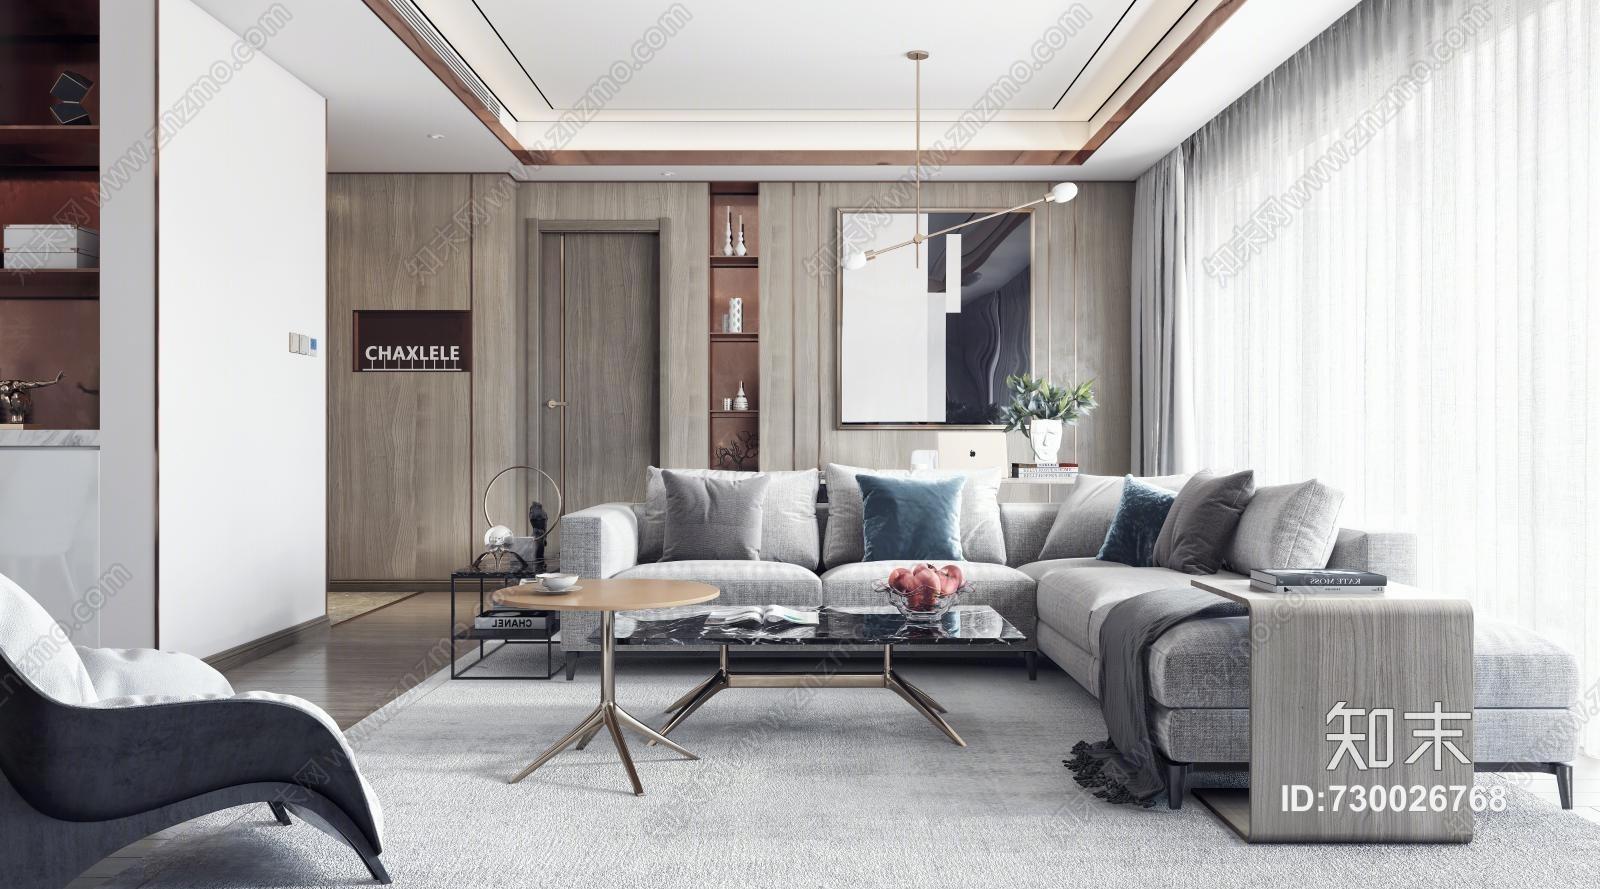 现代轻奢样板间 餐桌椅 沙发茶几 吊灯 桌面摆件 挂画